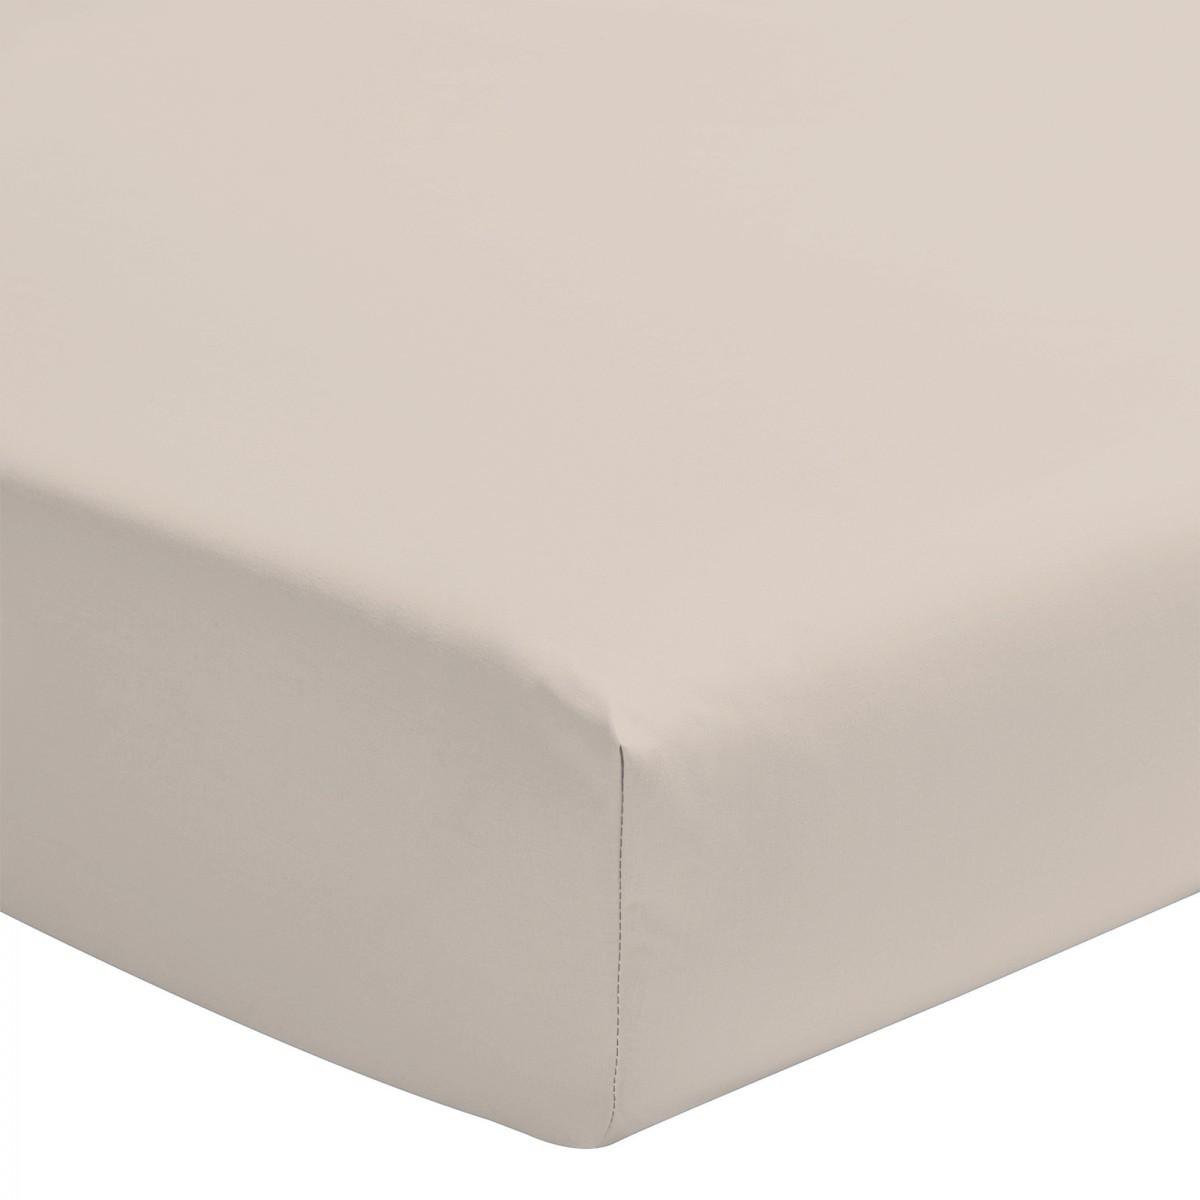 Drap Housse Coloré Uni 100% Coton Bonnet 25cm Beige Caramel 140x190cm